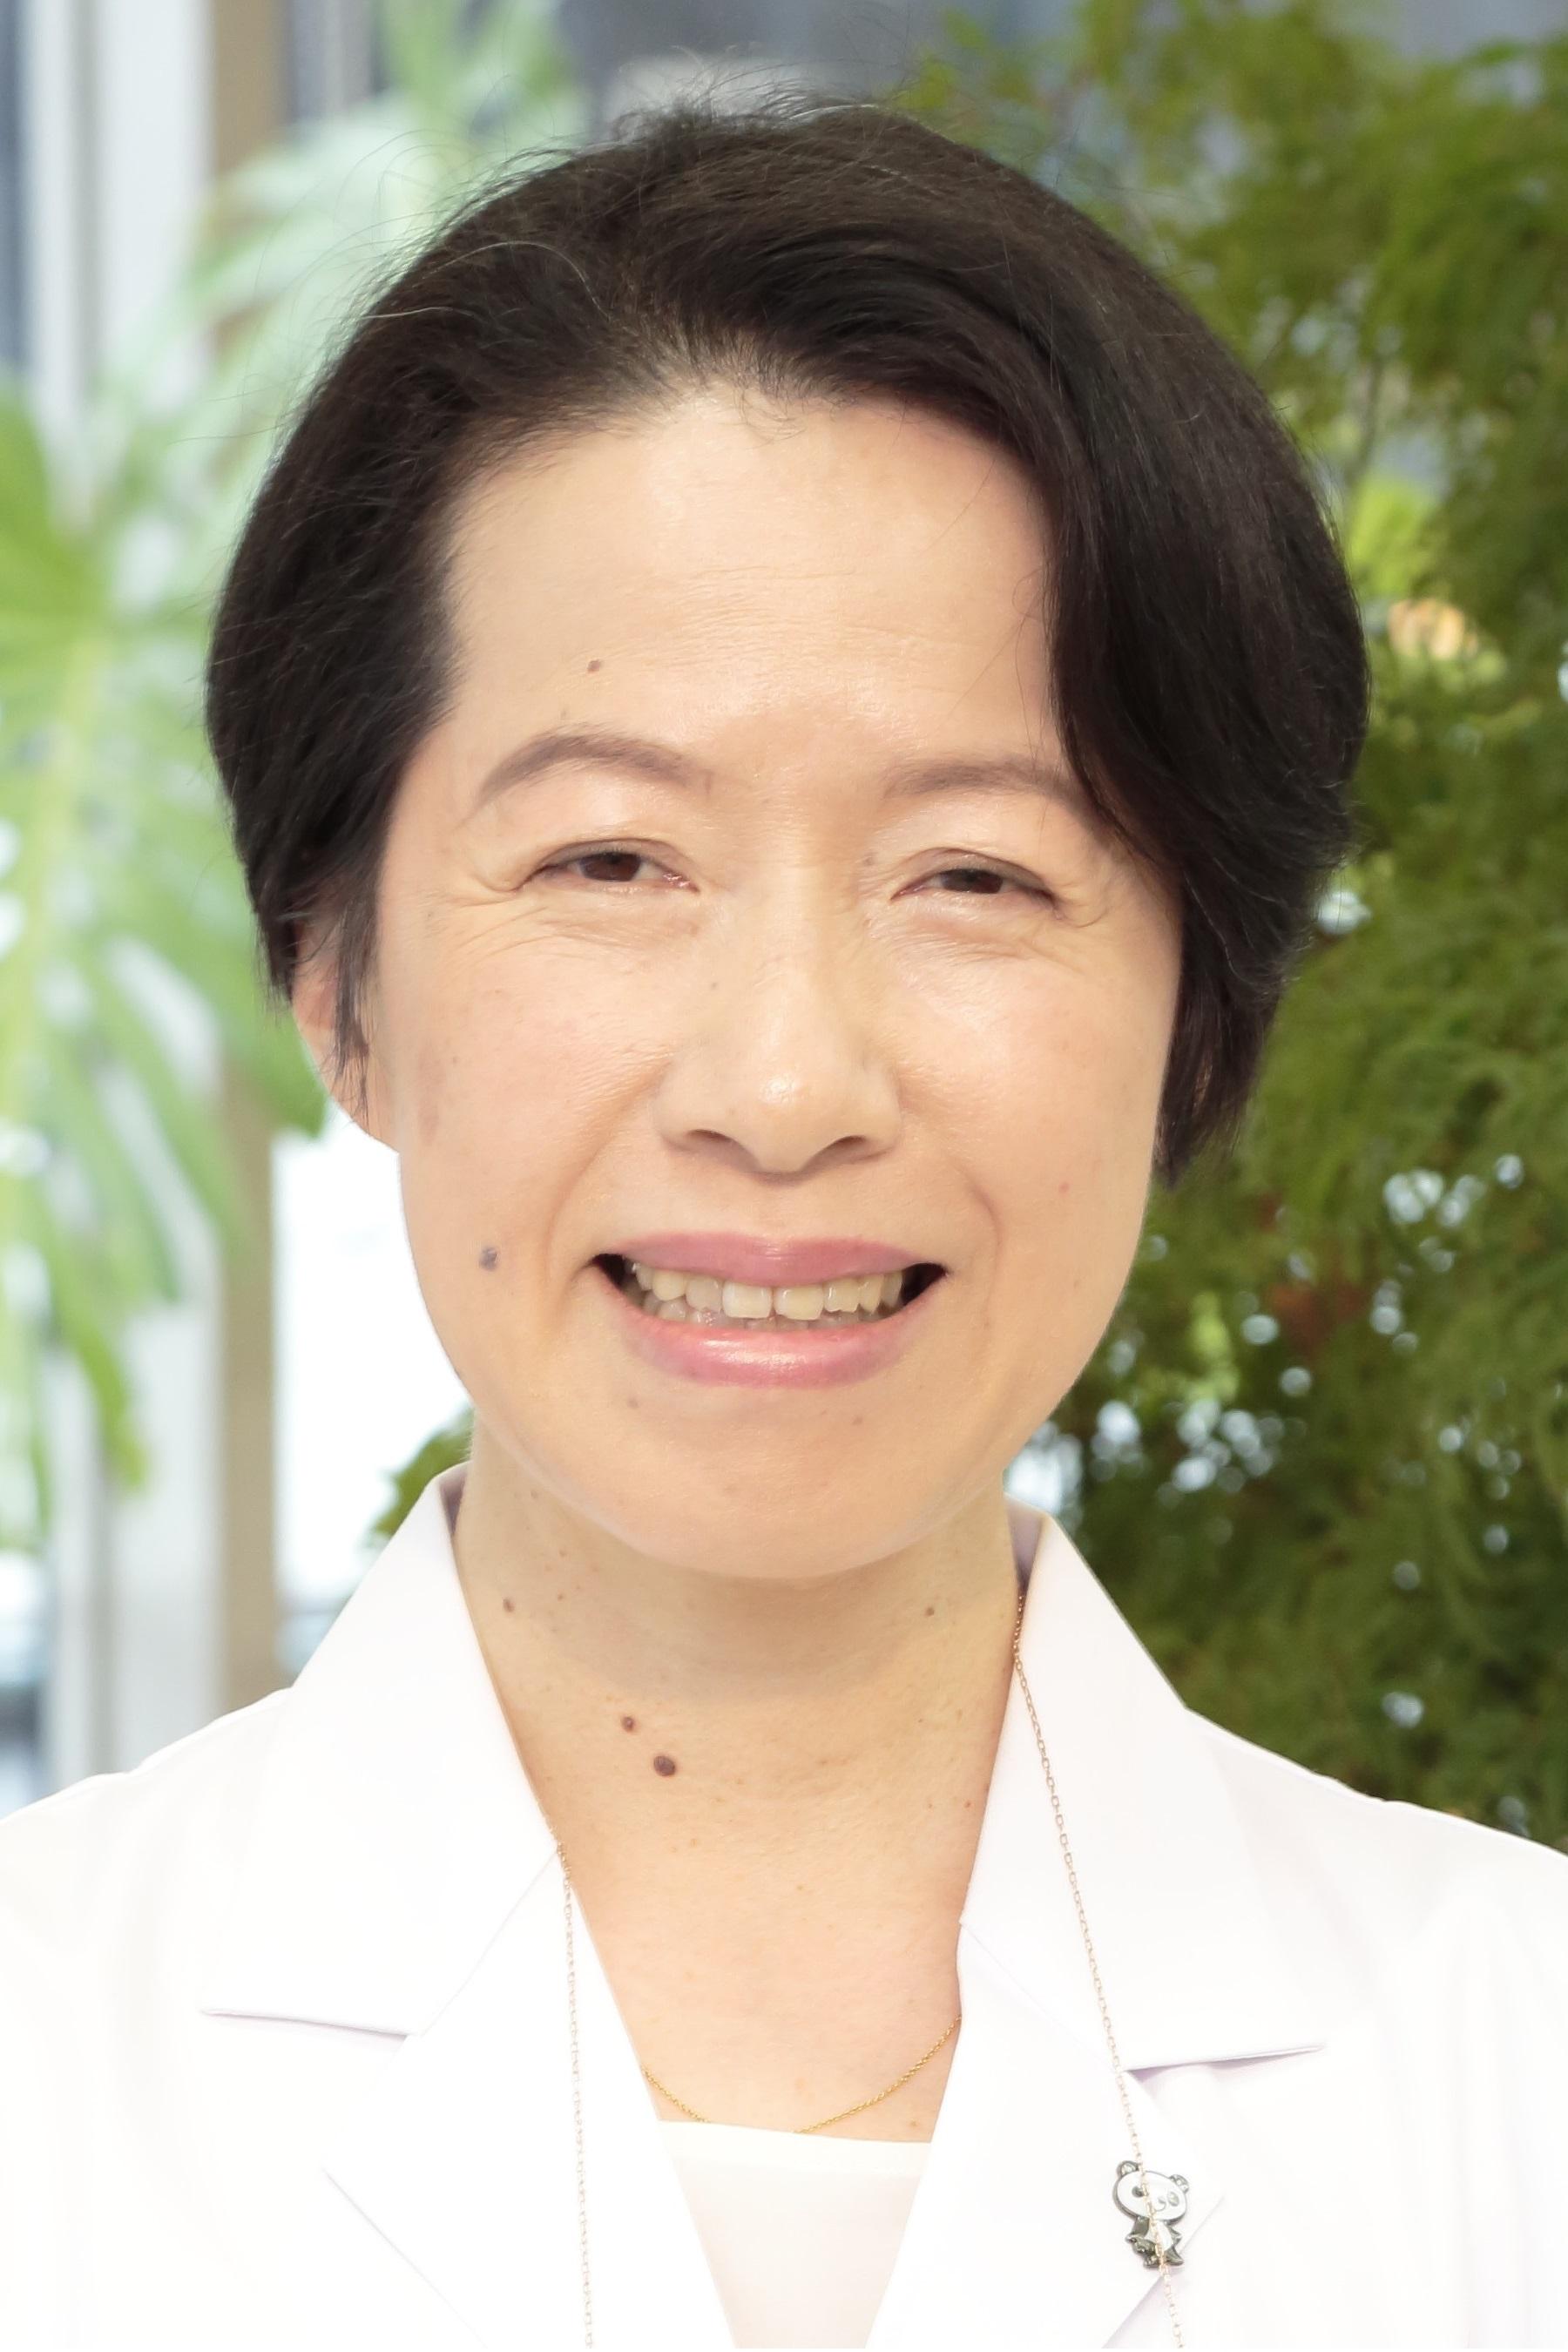 佐藤薫 | 中医学講師 | イスクラ薬局